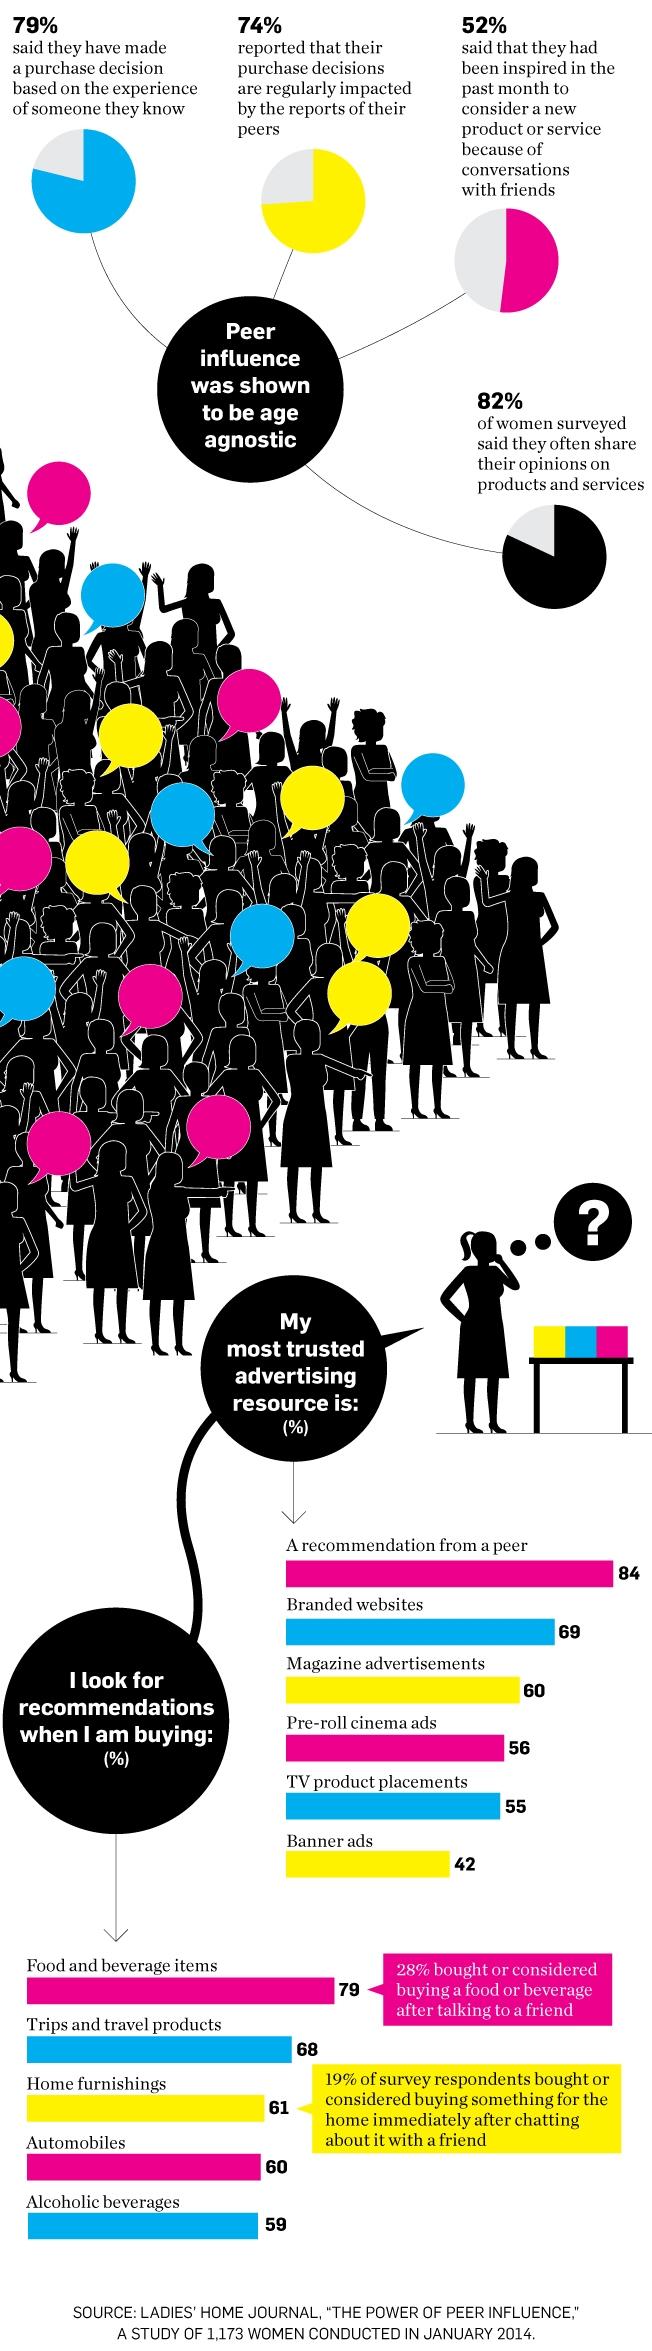 Las mujeres, fieles a ellas mismas, consideran sus opiniones la publicidad más creíble